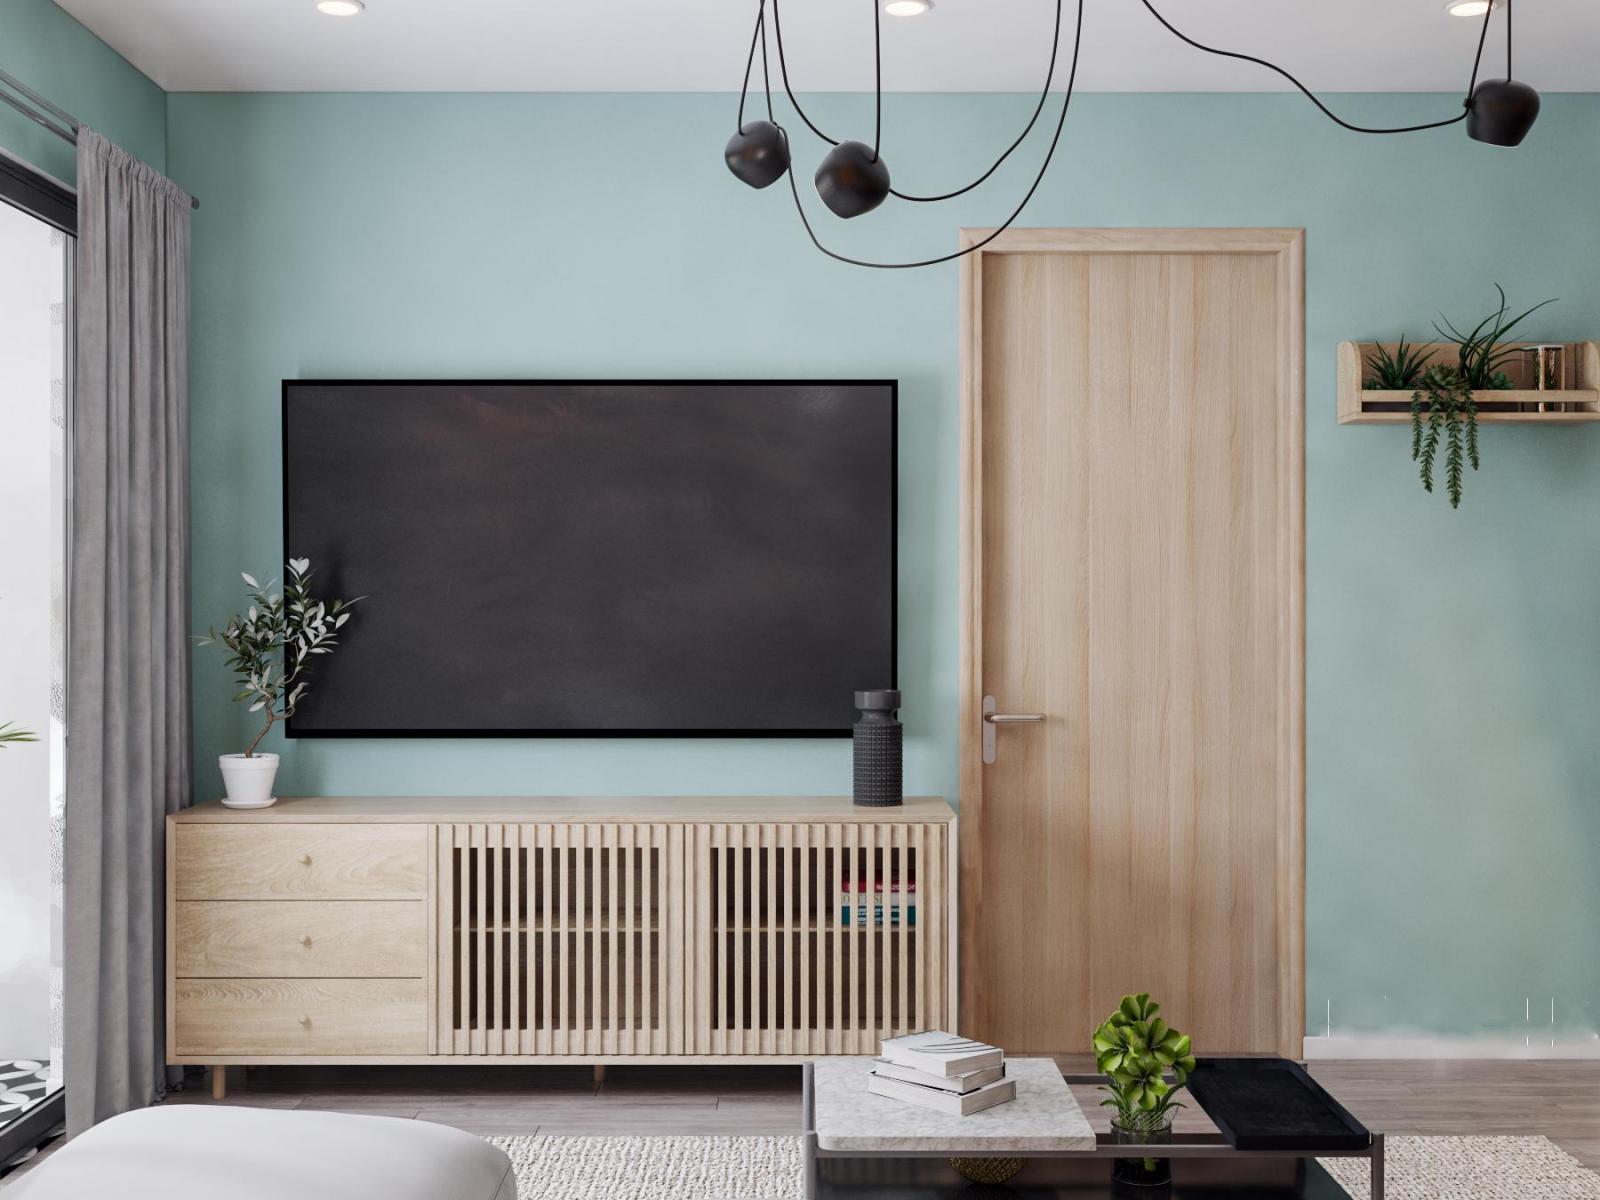 Góc phòng khách căn hộ 90m2 với tường màu xanh pastel nhã nhặn, làm nền cho nội thất gỗ màu sáng trở nên nổi bật hơn.